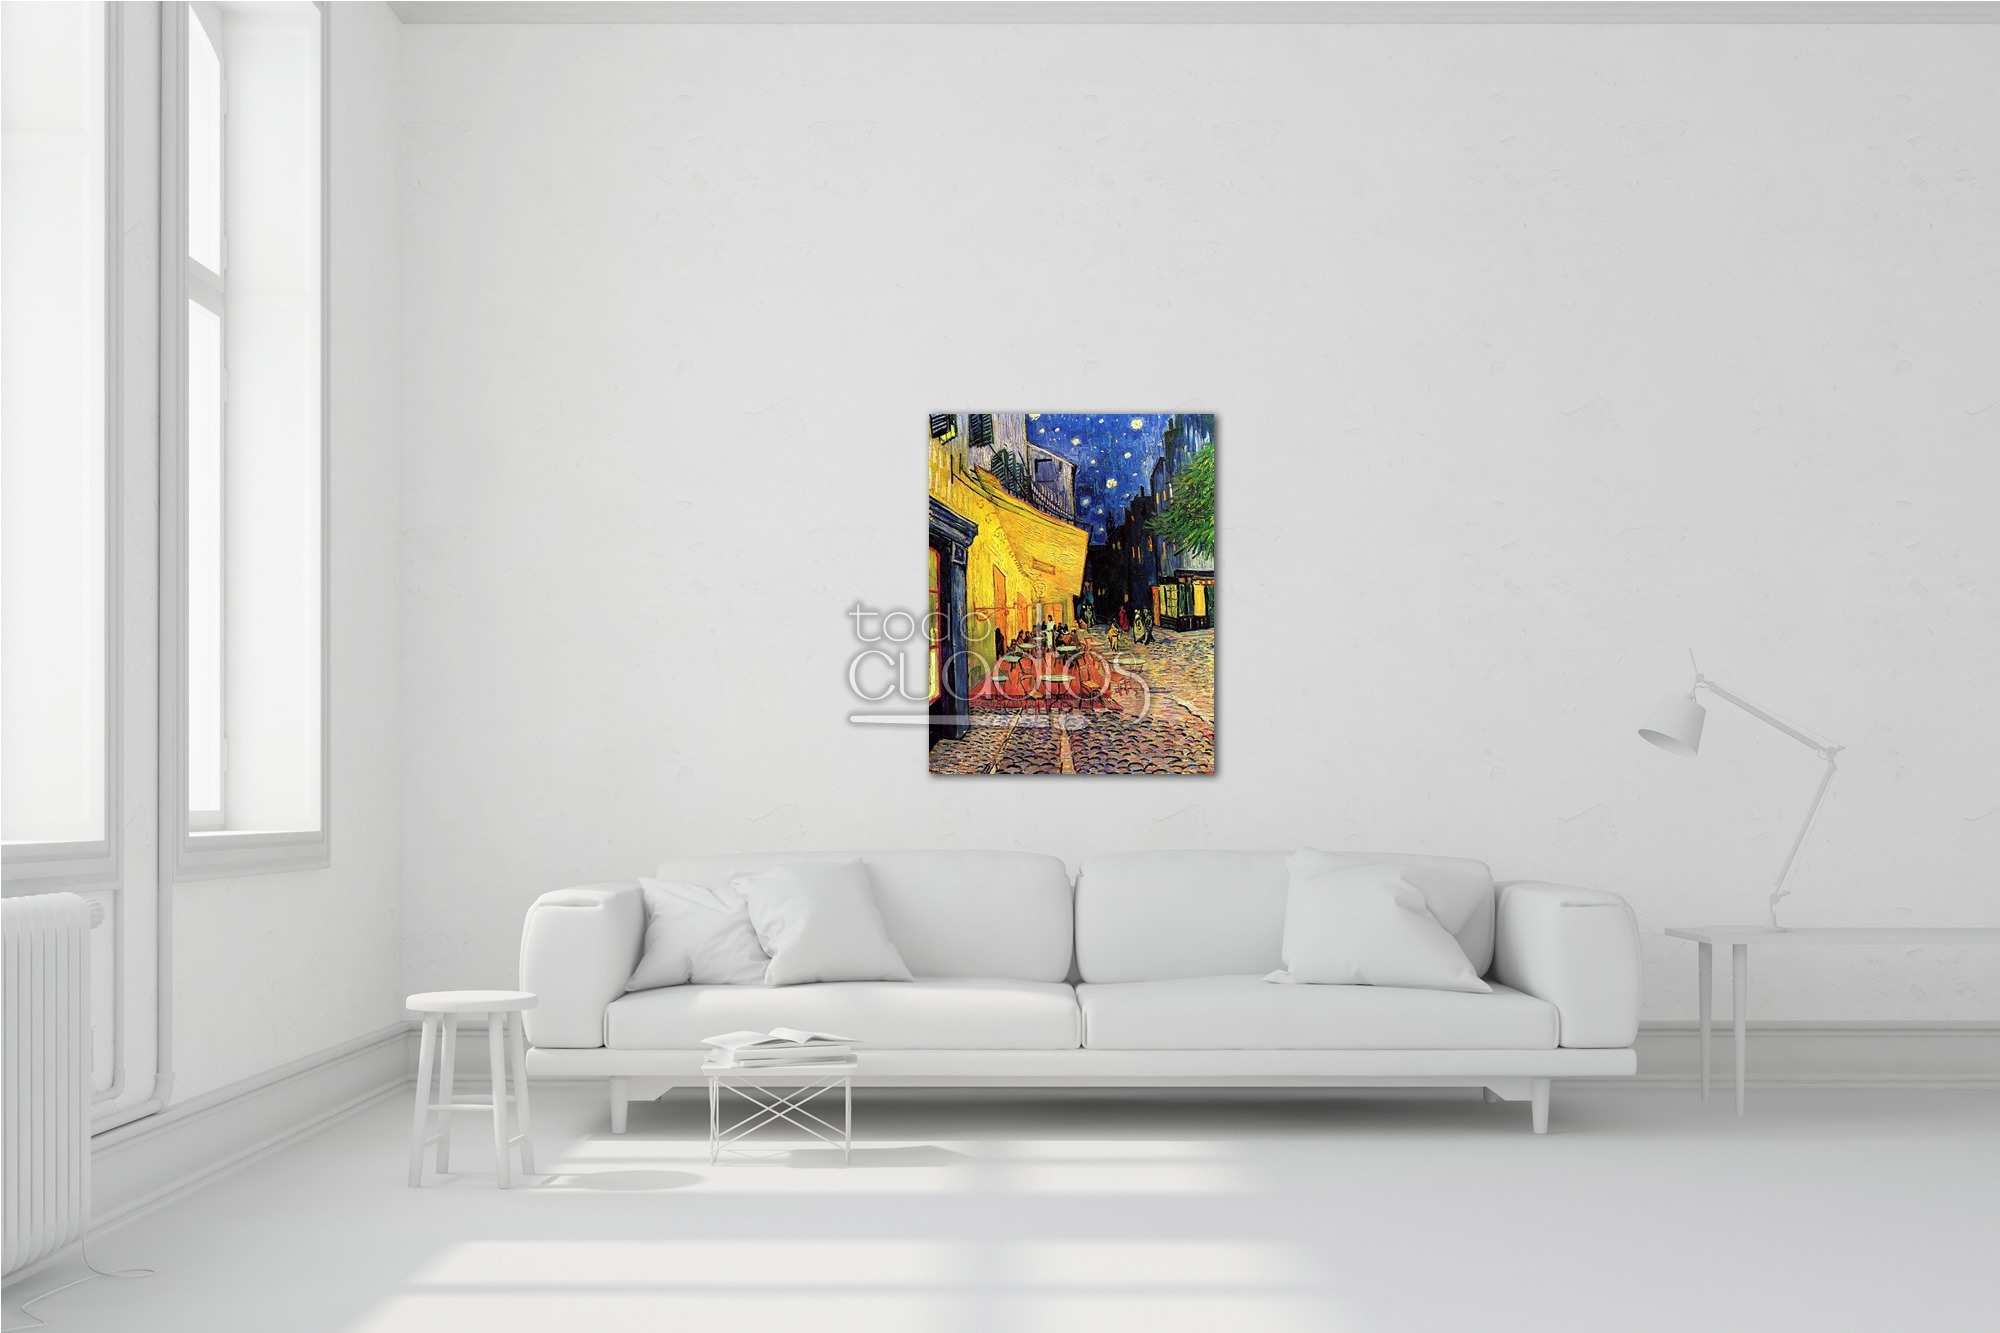 Terraza De Café Por La Noche Van Gogh